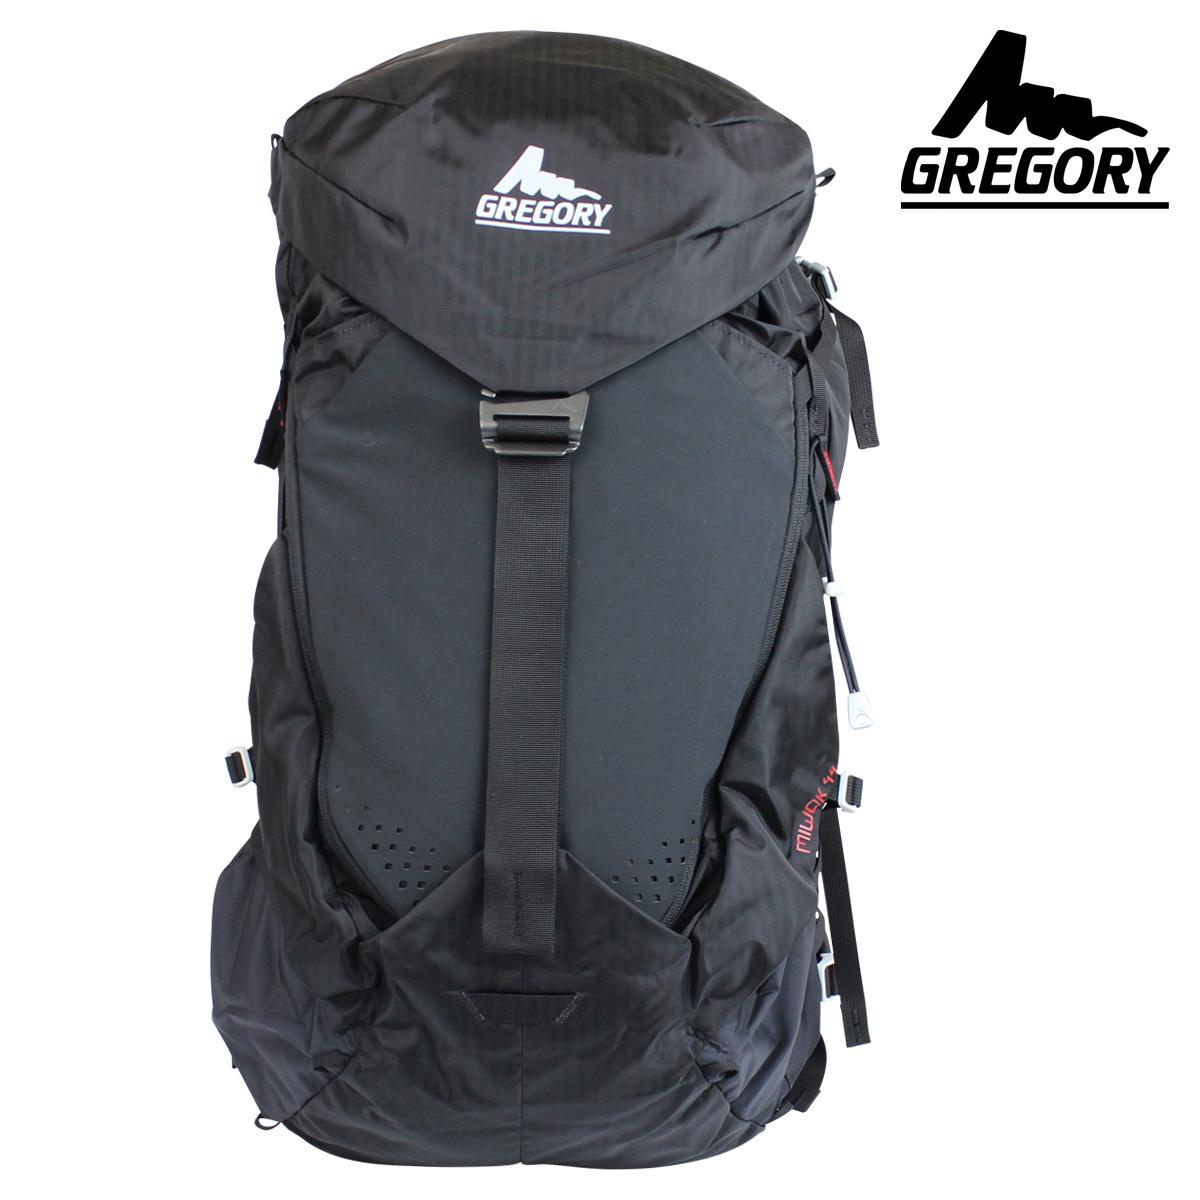 Sugar Online Shop  Gregory GREGORY mens ladies rucksack backpack 44L black  MIWOK 44  10 27 new in stock   caf2460615d